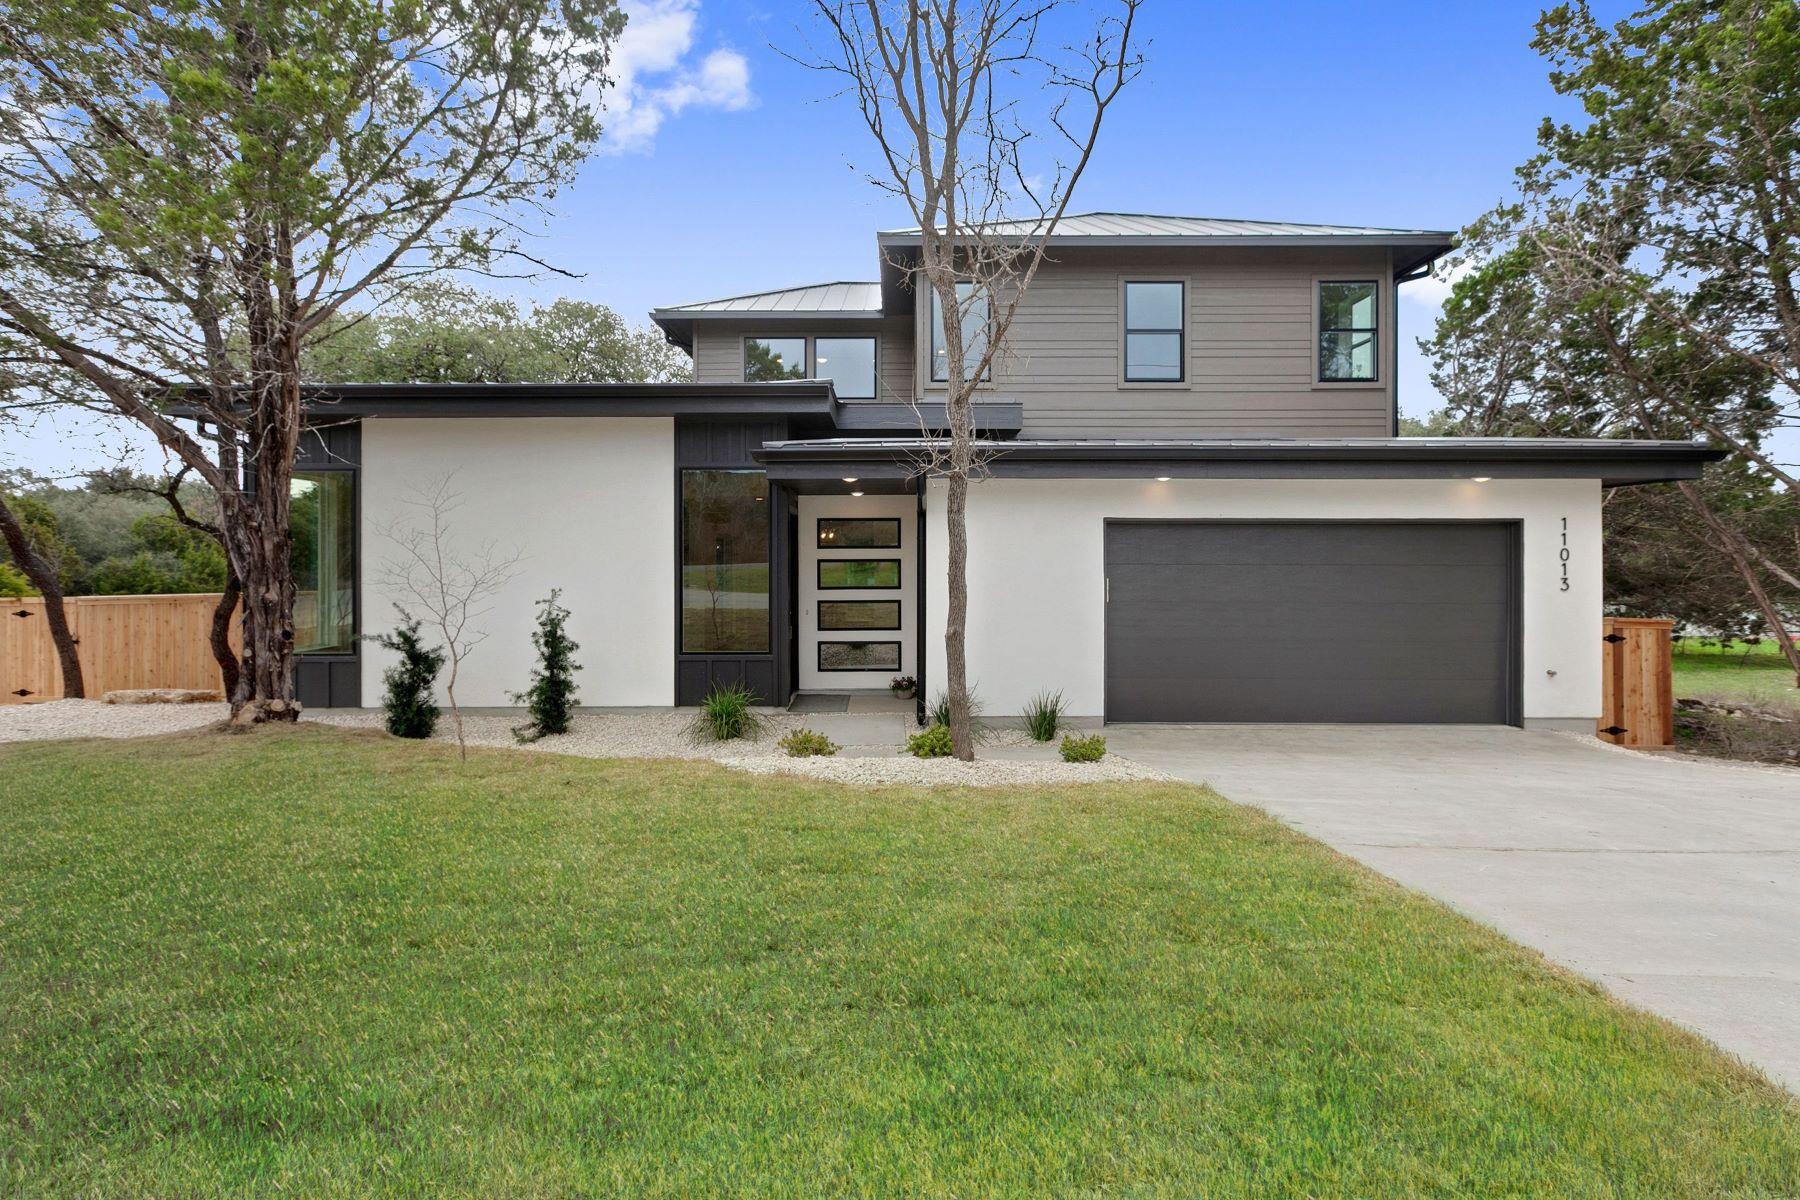 Single Family Homes für Verkauf beim Mid Century Modern in Jonestown Hills 11013 4th Street, Jonestown, Texas 78645 Vereinigte Staaten